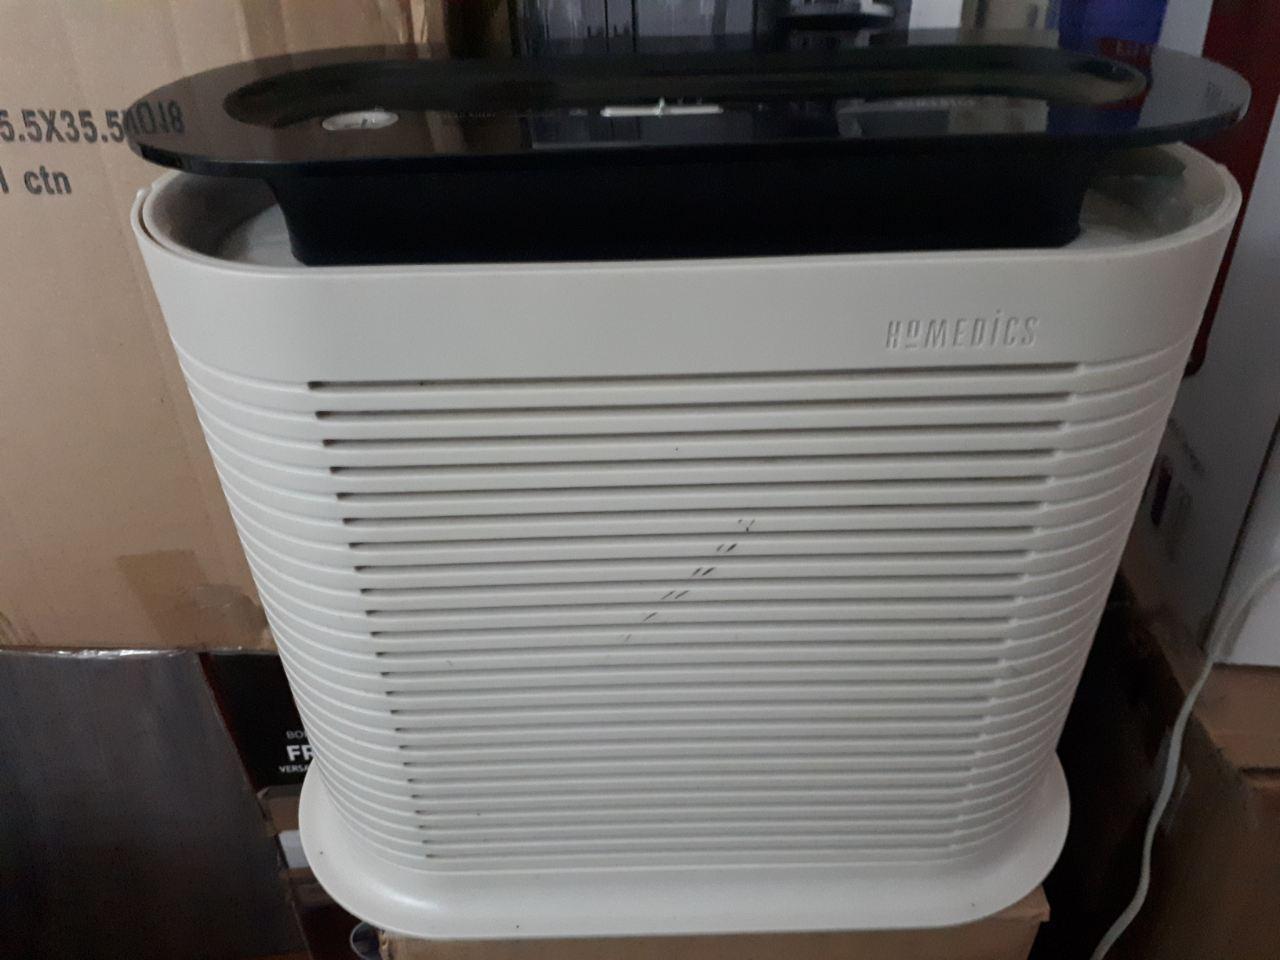 Вентилятор очиститель воздуха HoMedics HEPA, сохраняет свежесть воздуха